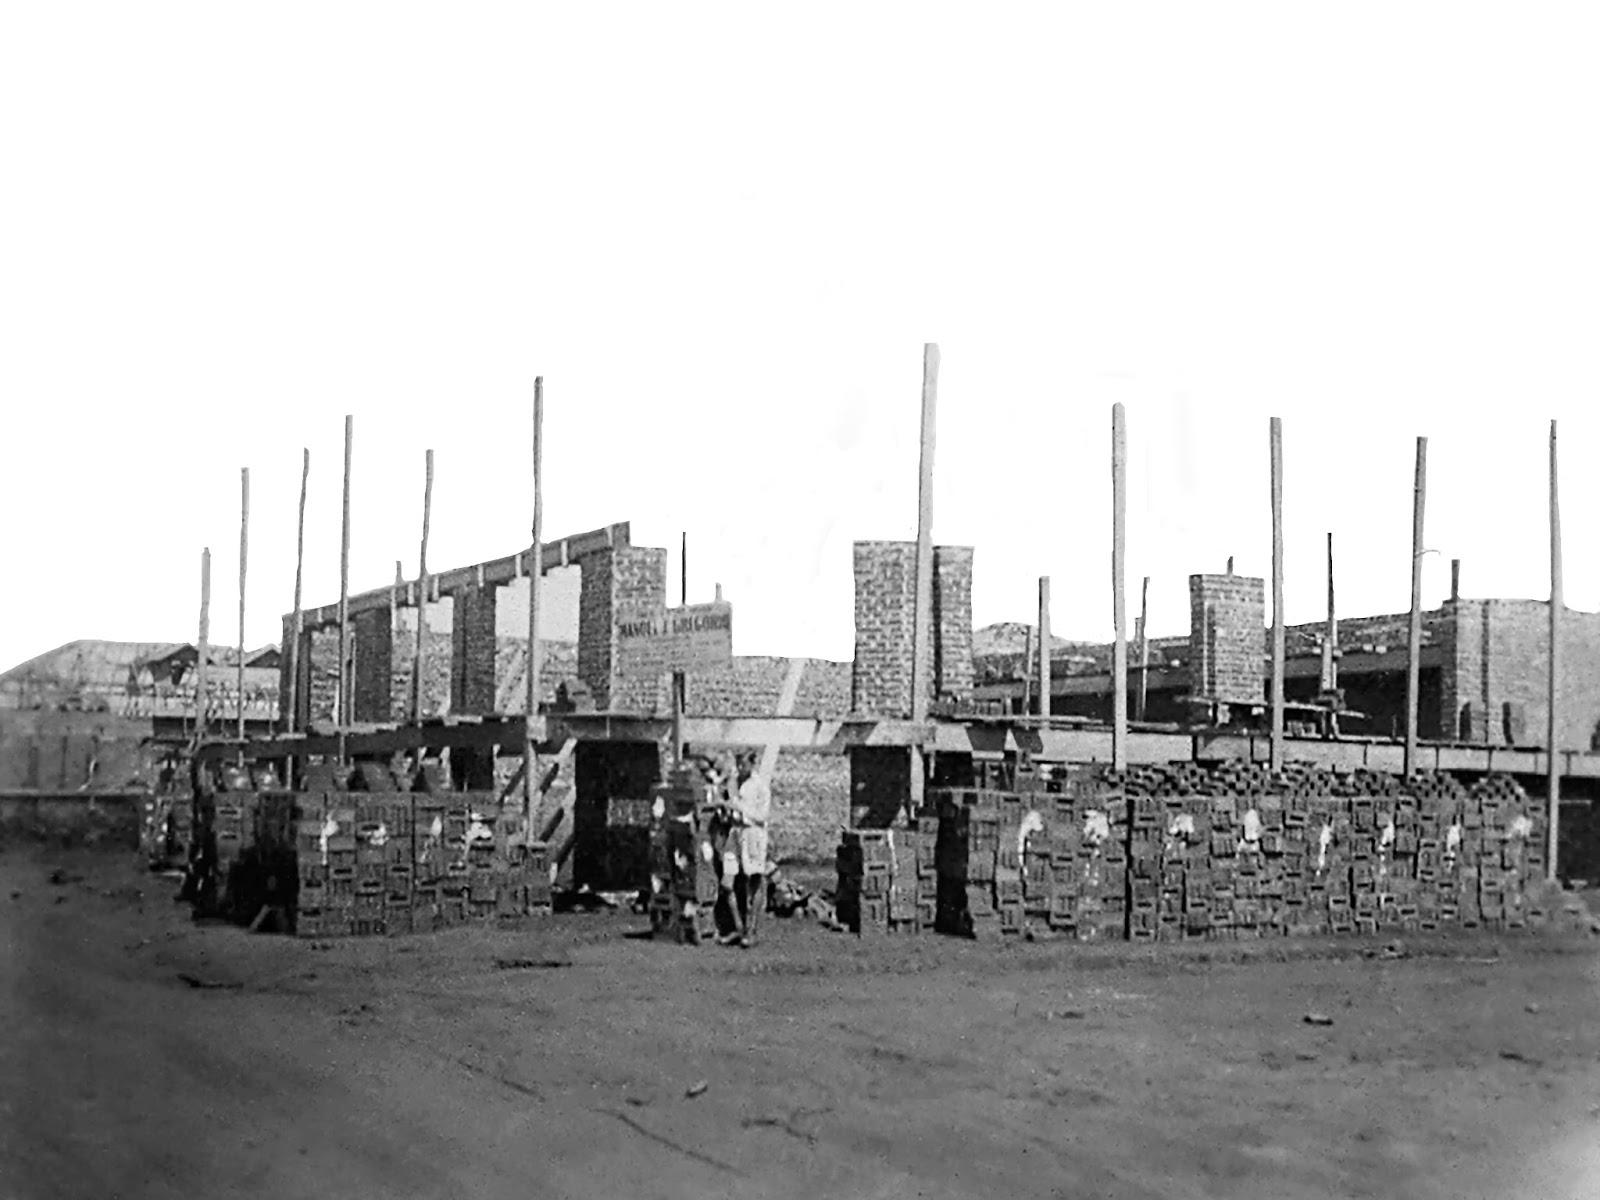 Casas Pernambucanas em construção - Década de 1940